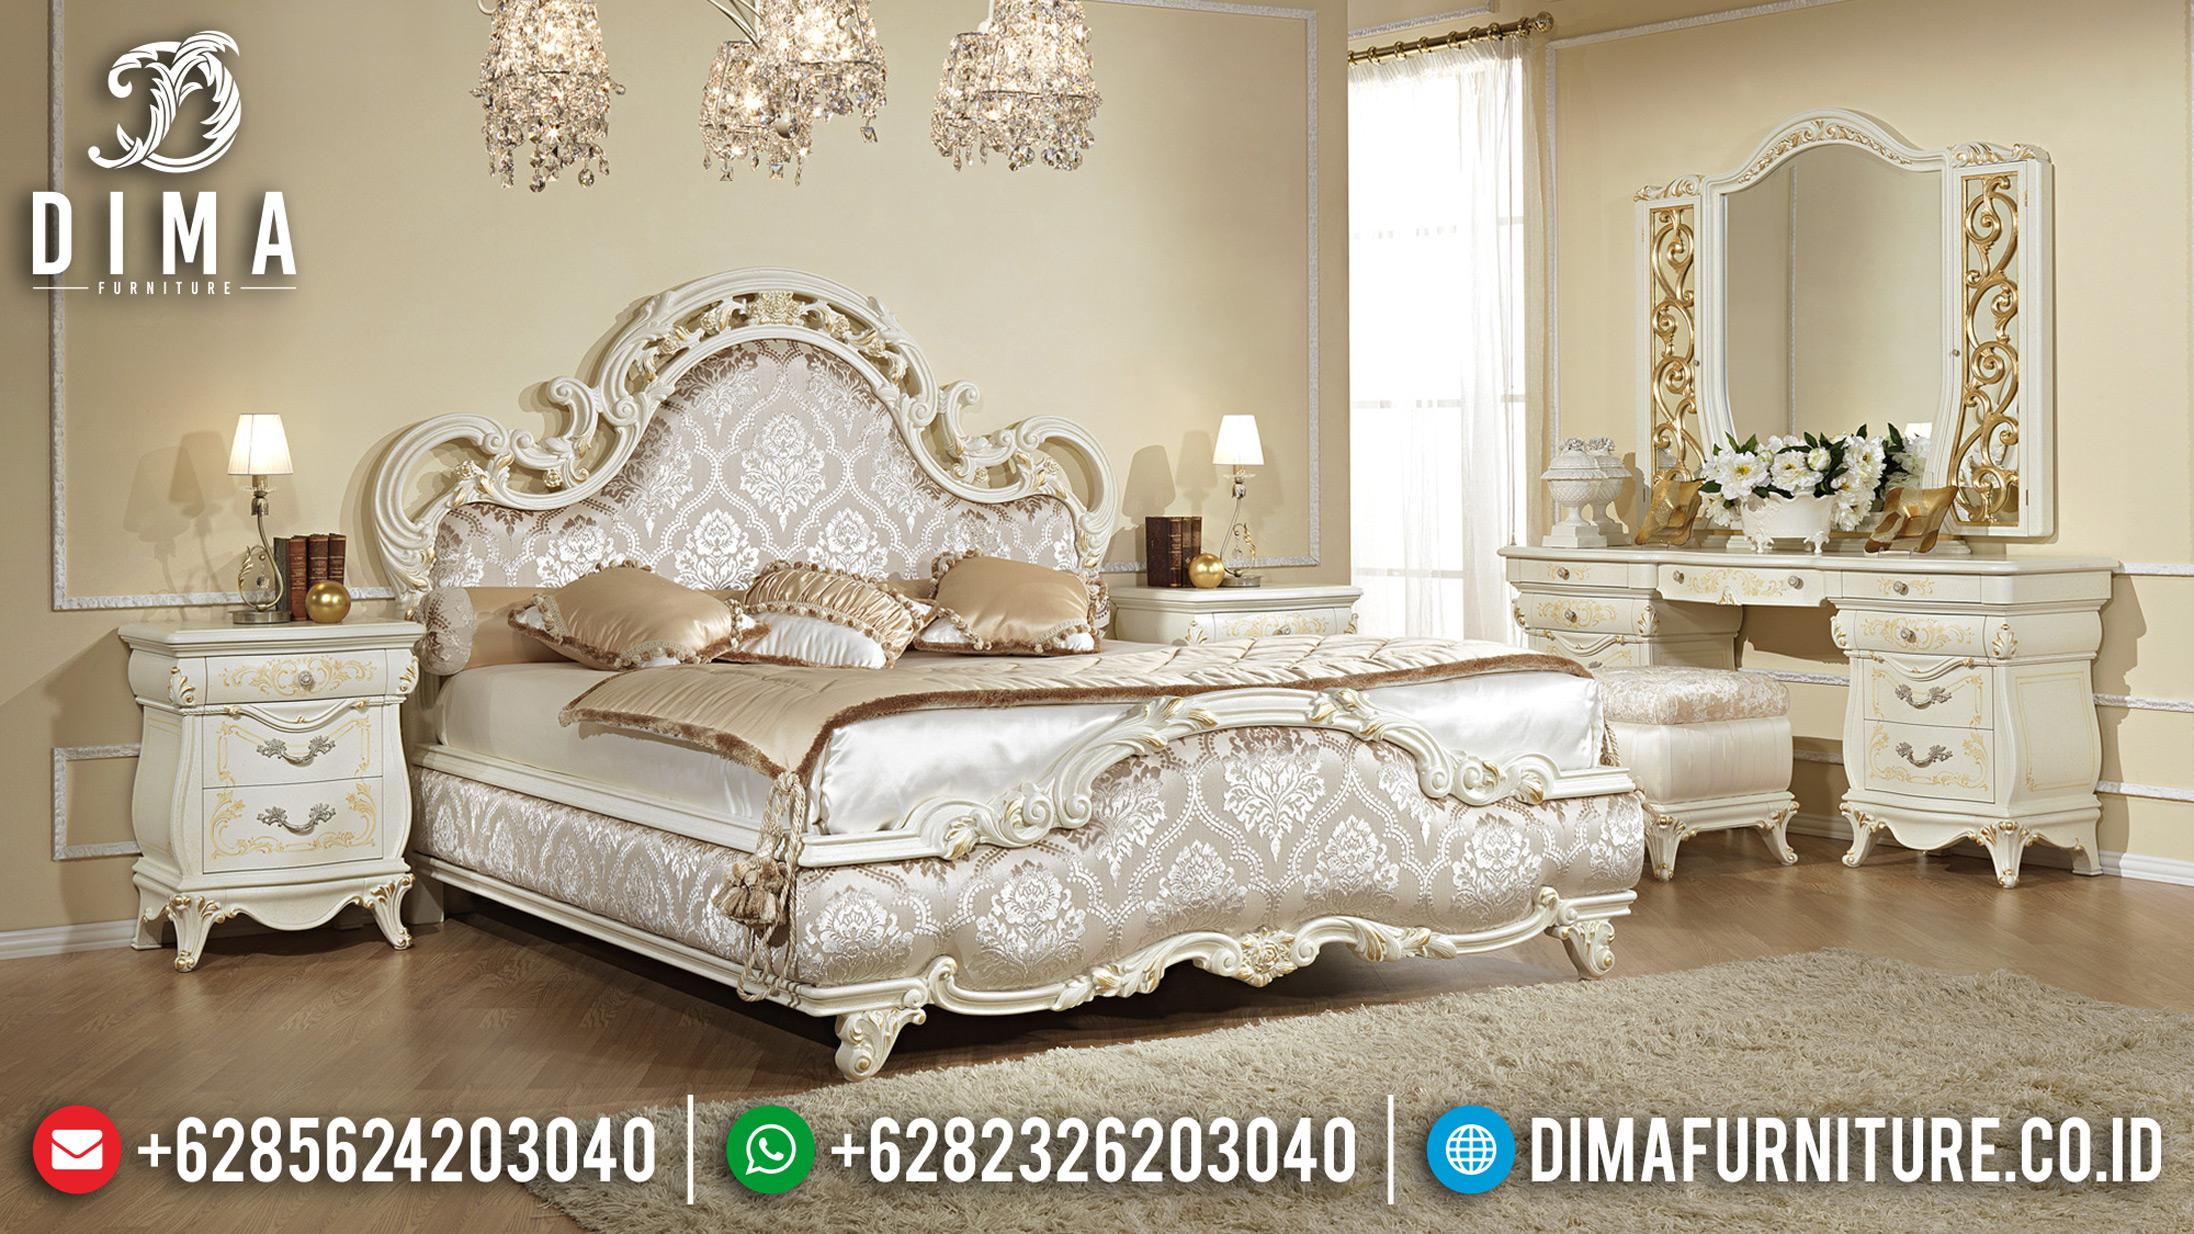 20+ Tempat Tidur Jepara Mewah Dan Minimalis Pilihan Tahun 2019 028 Dima Furniture Jepara